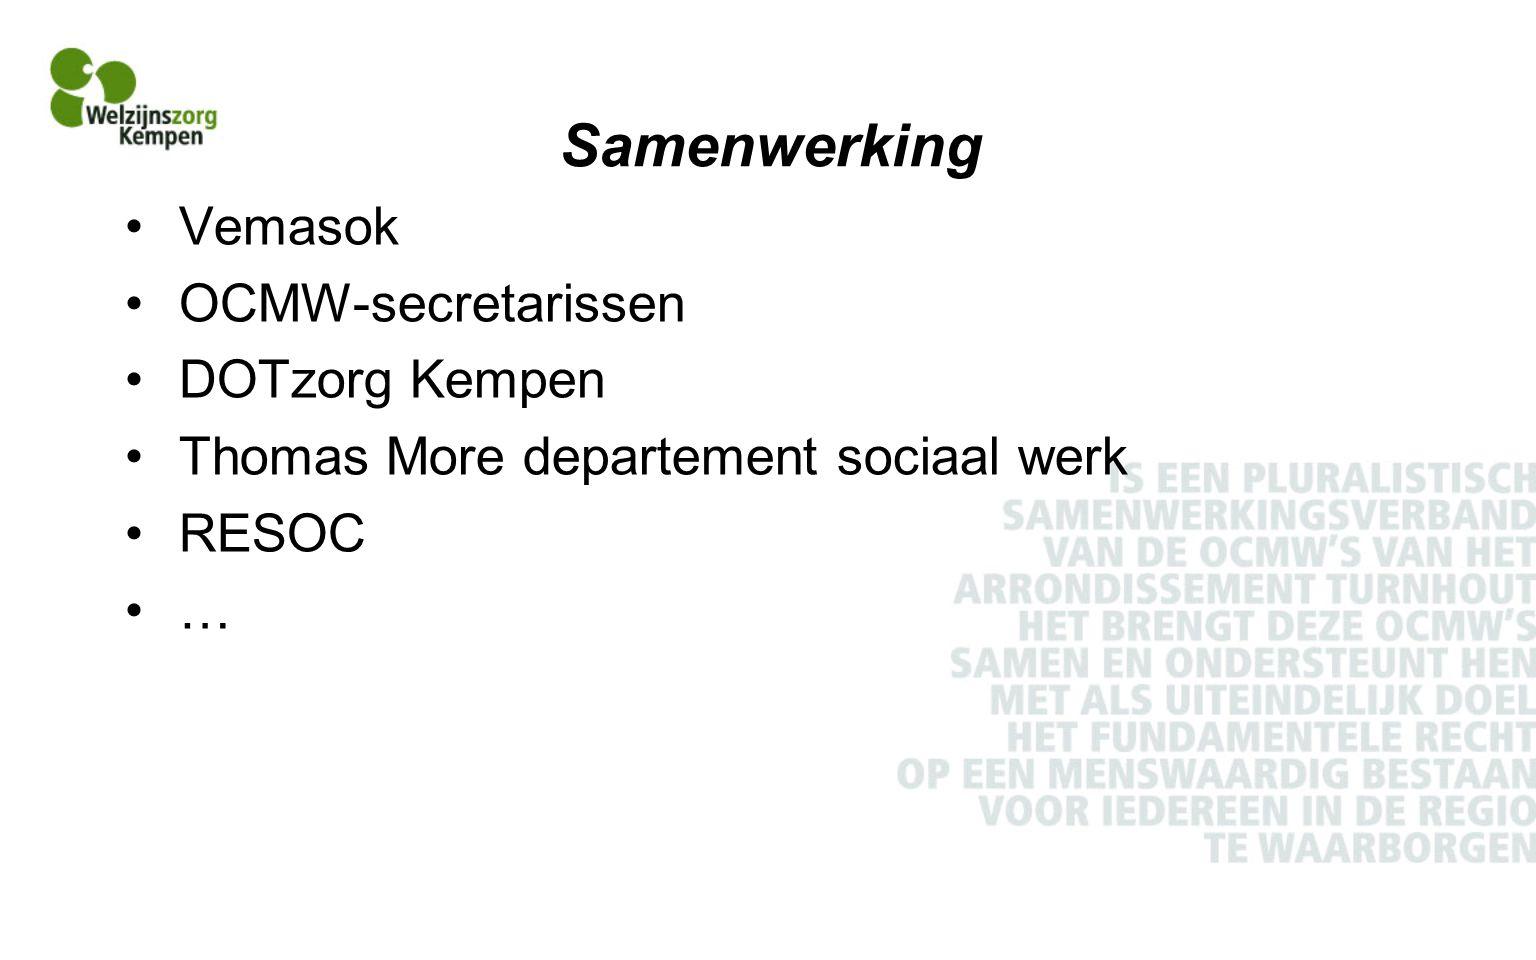 Samenwerking Vemasok OCMW-secretarissen DOTzorg Kempen Thomas More departement sociaal werk RESOC …